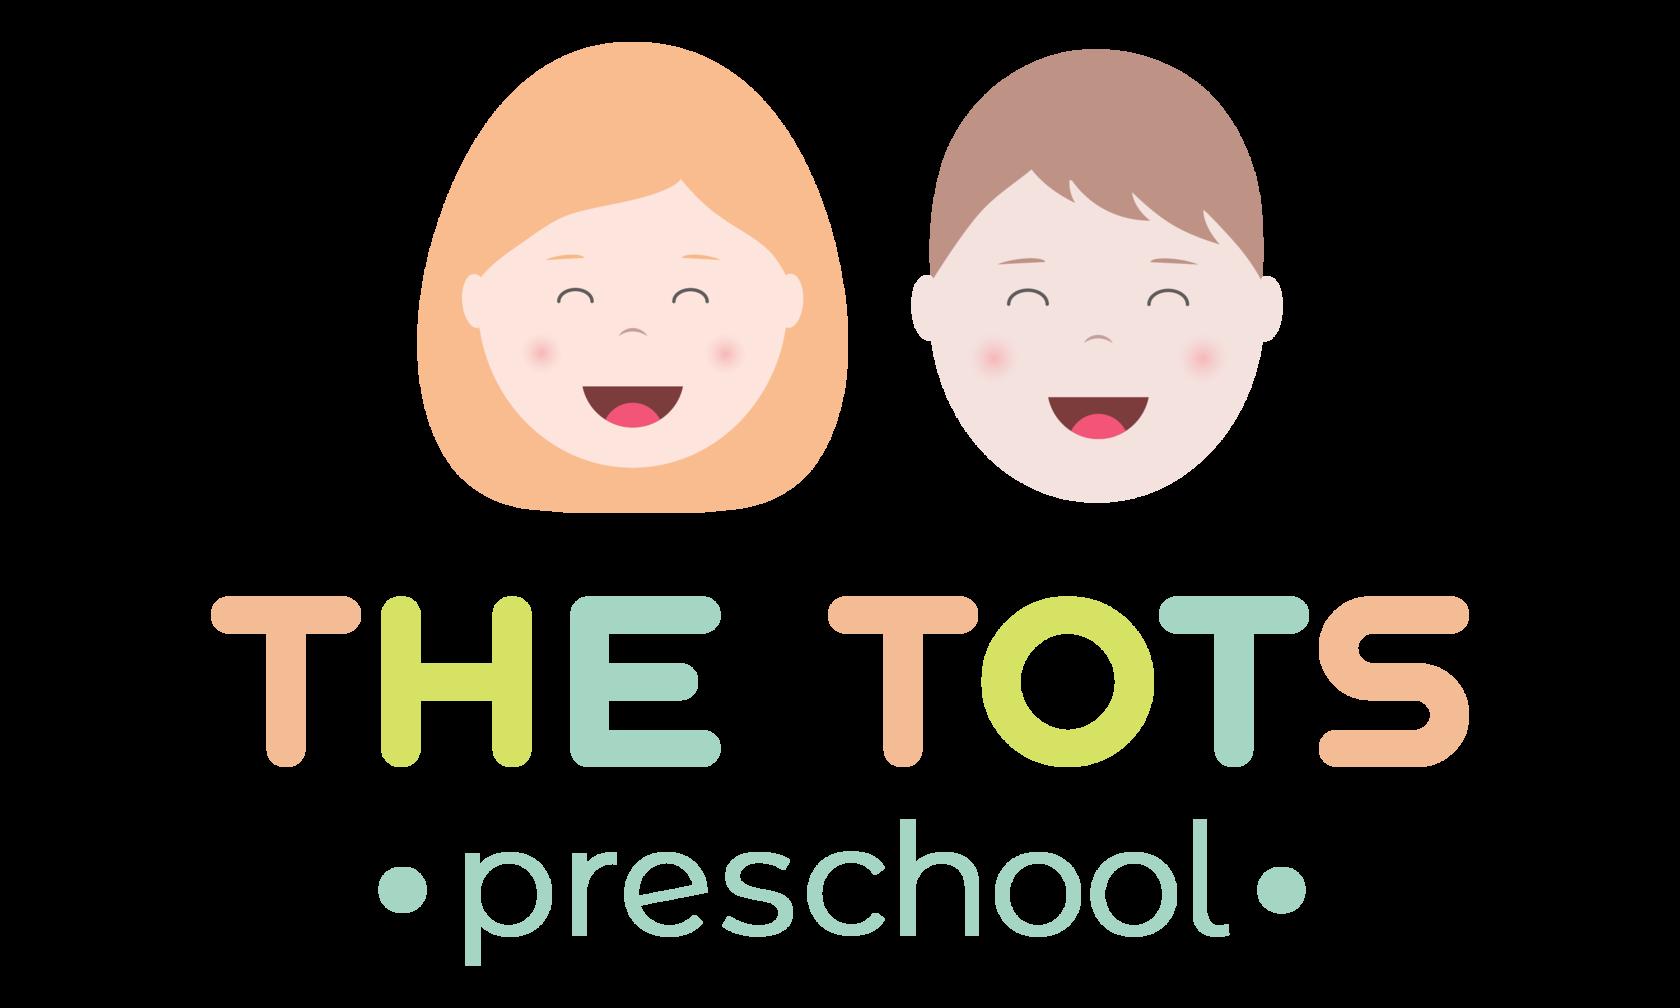 The Tots